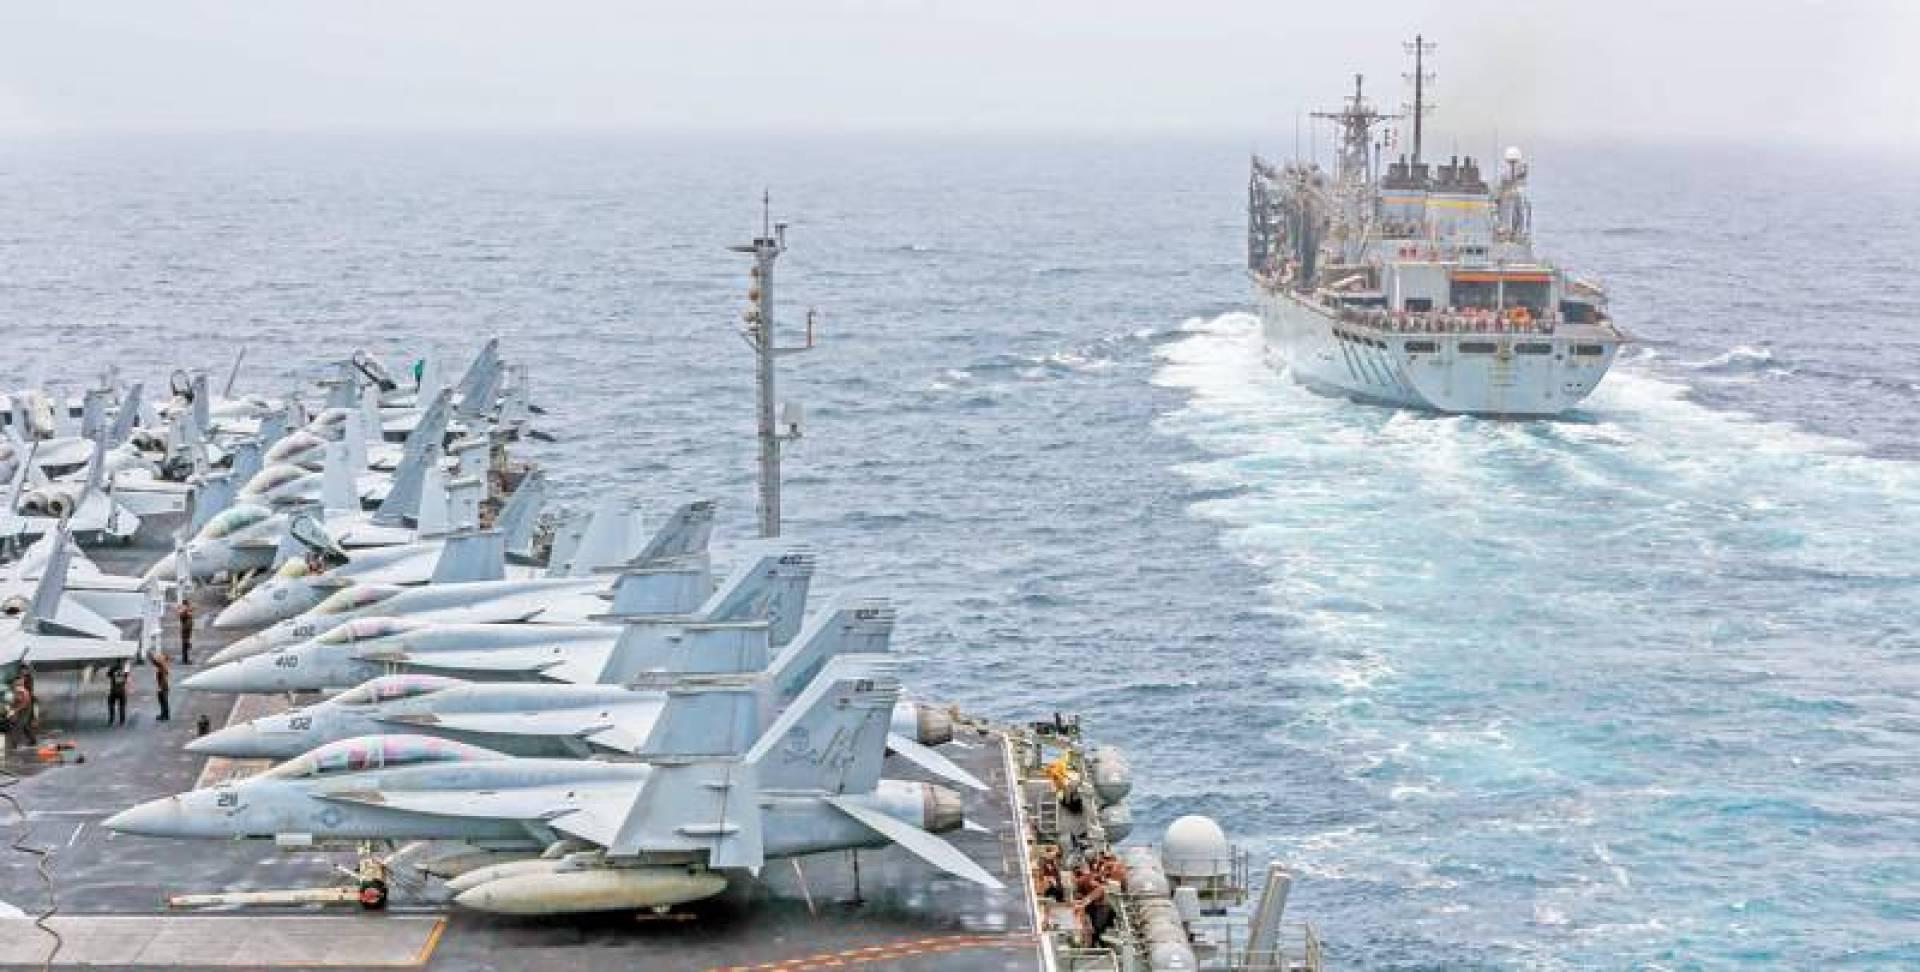 حاملة الطائرات لينكولن تقترب من سفينة دعم قتالية في بحر العرب   البحرية الأميركية